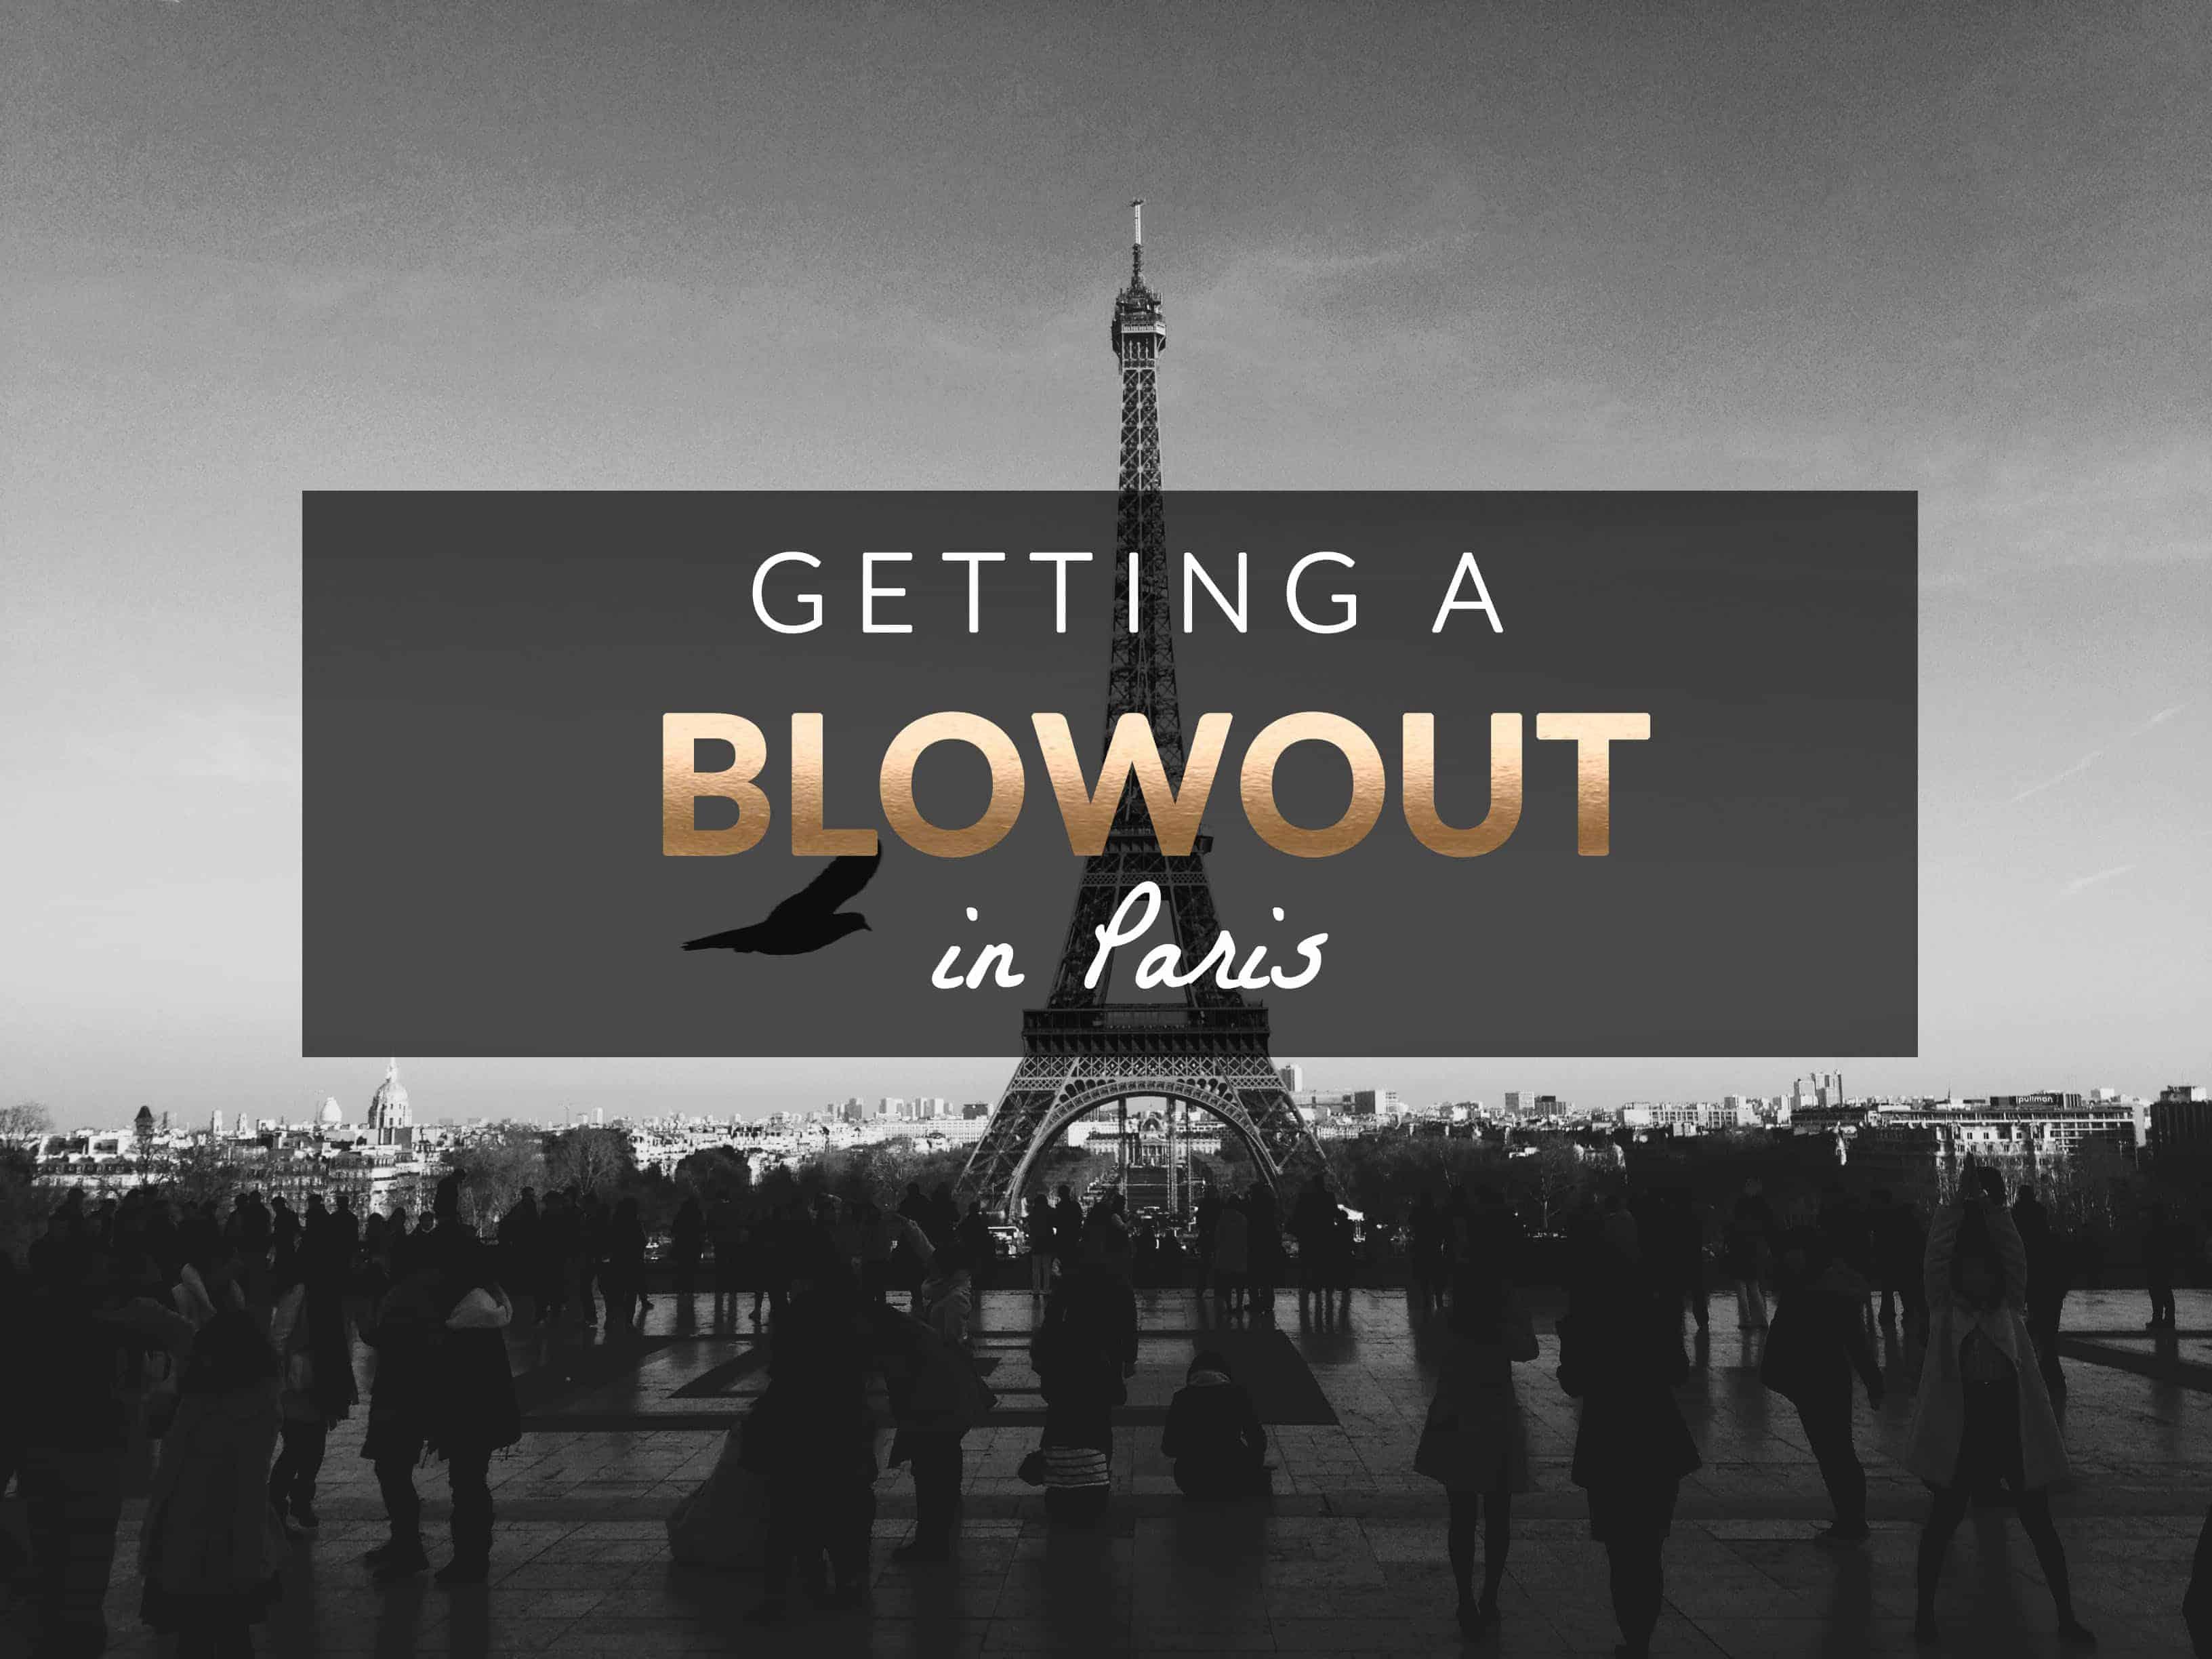 getting a blowout in paris